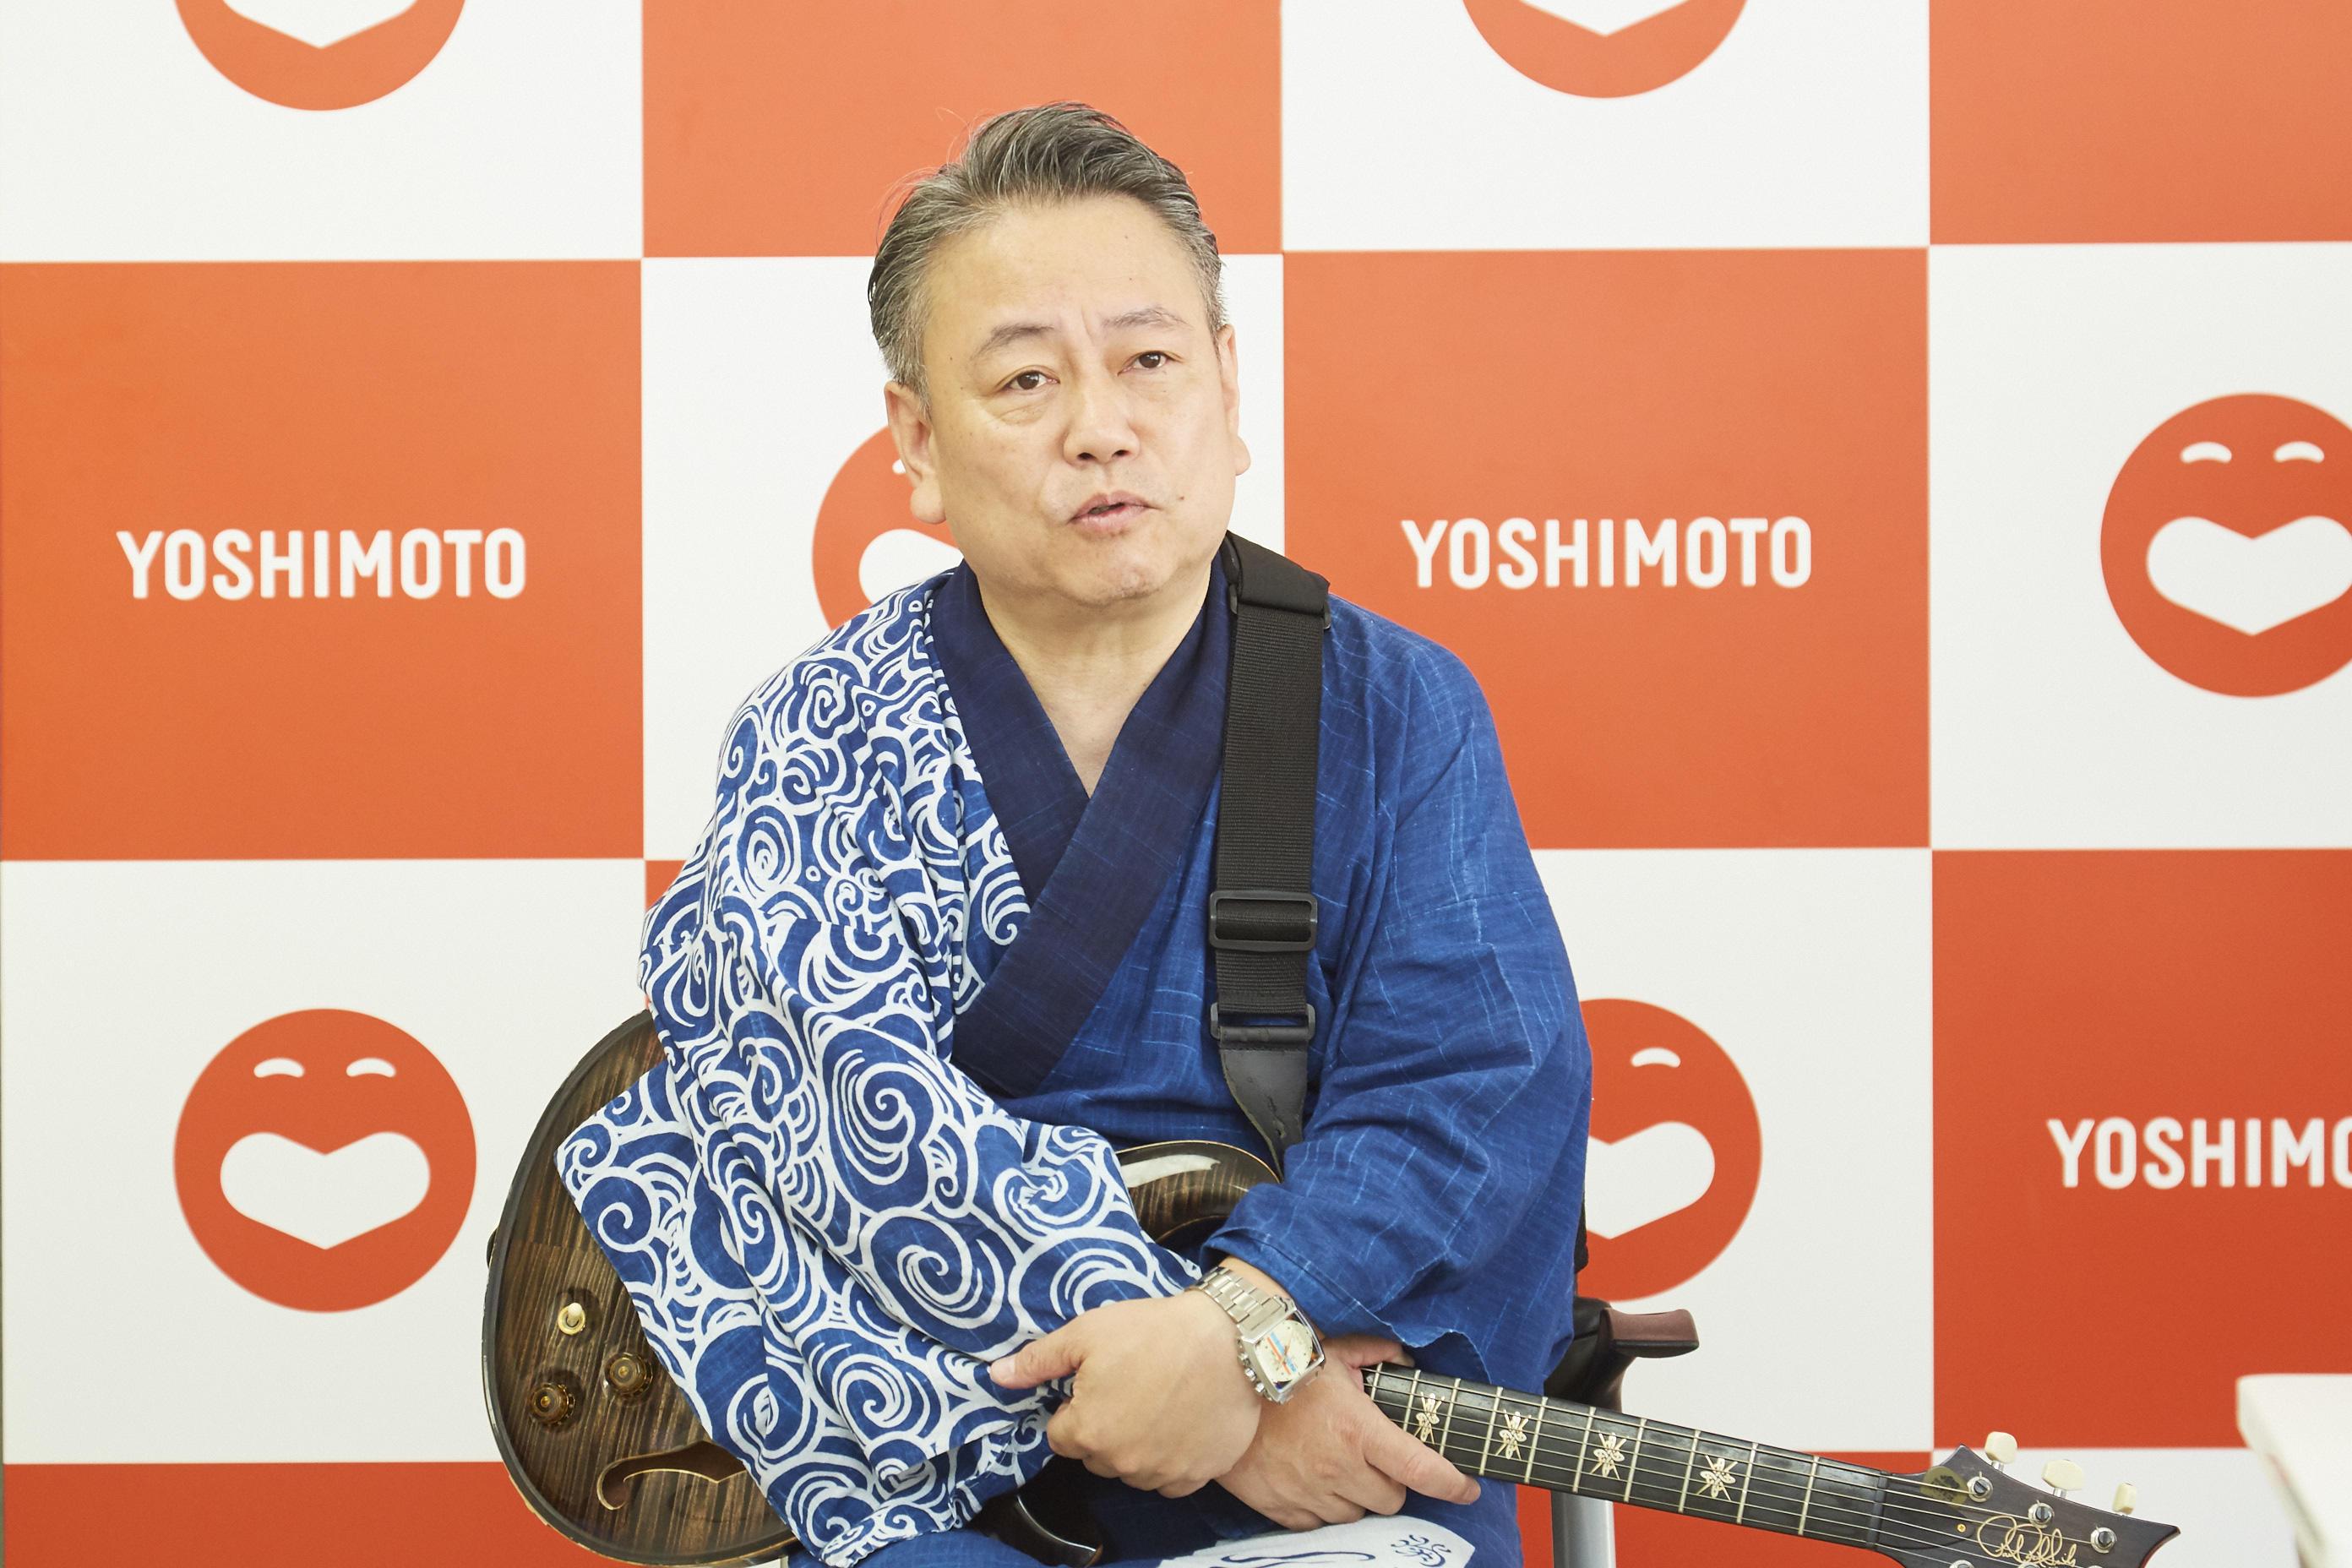 http://news.yoshimoto.co.jp/20180704193554-83dc528c7eda5fc0ffa02be884cb2405597097d8.jpg